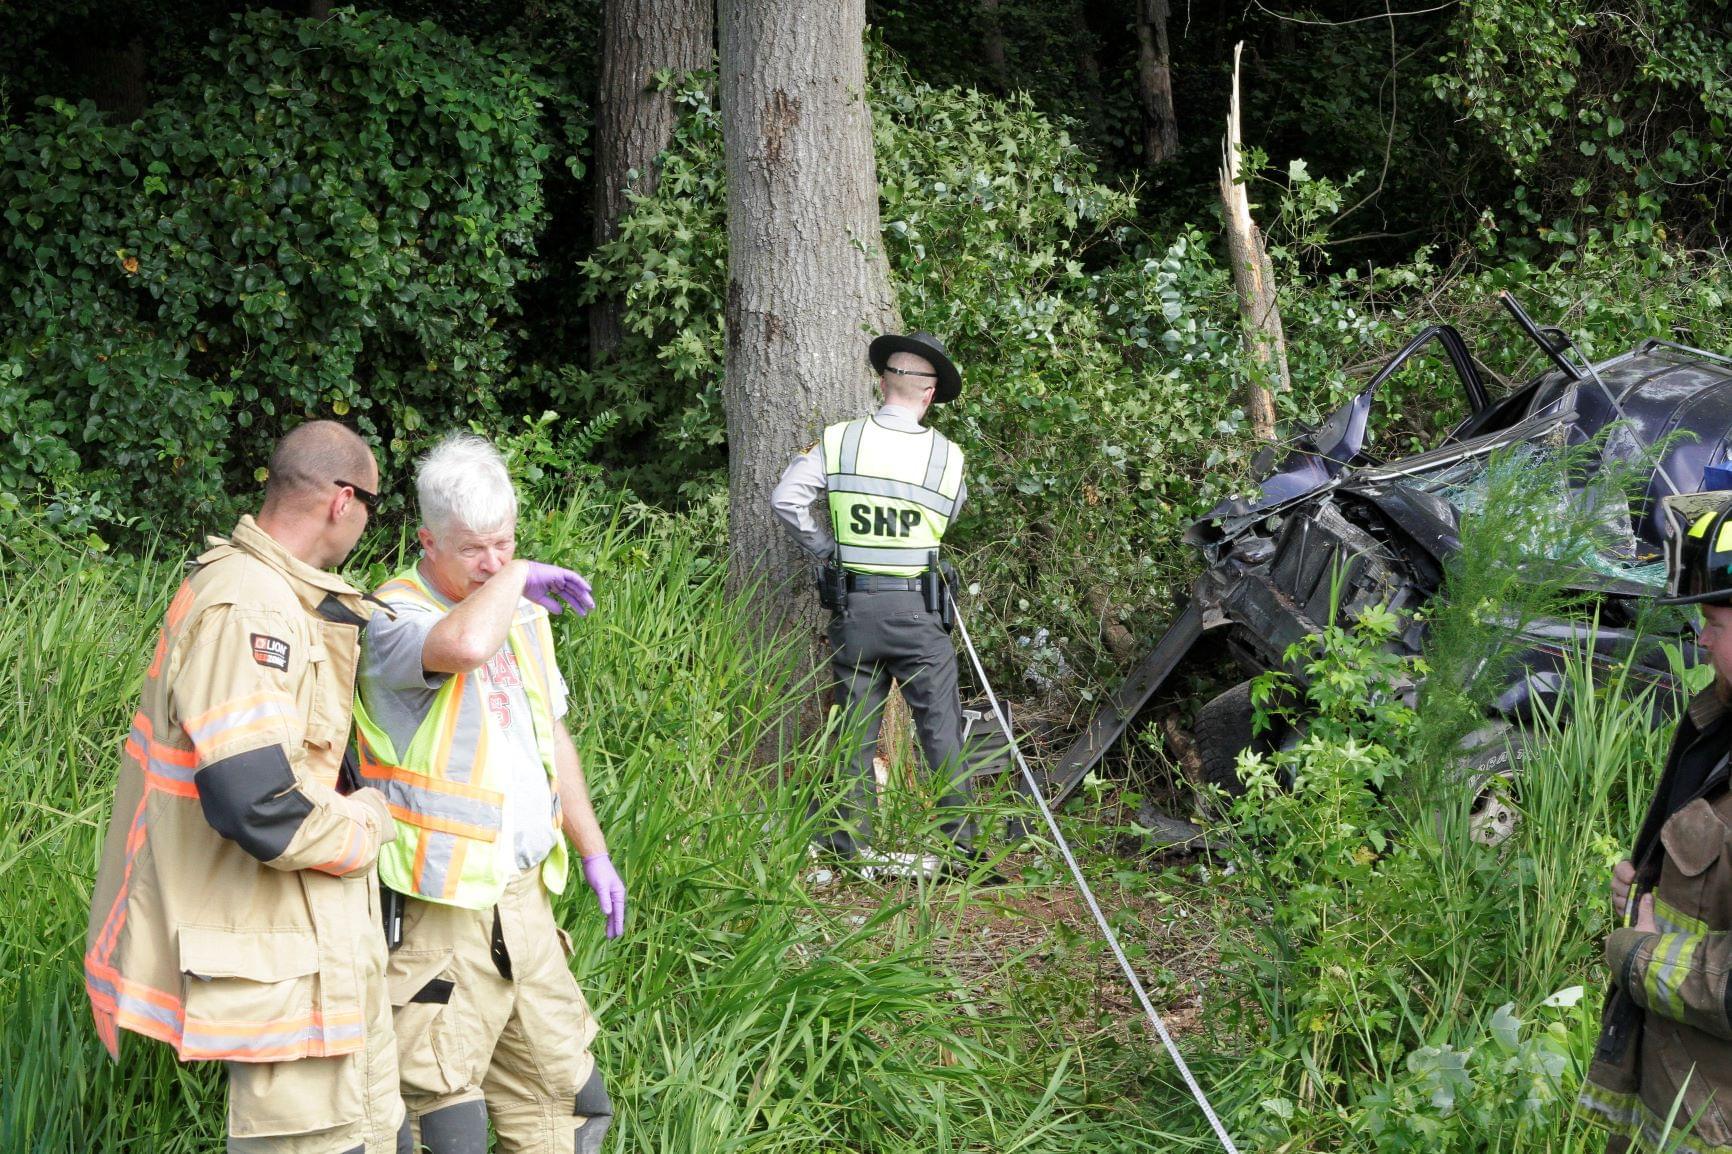 Car Crash On Old Grantham Road Leaves One Dead